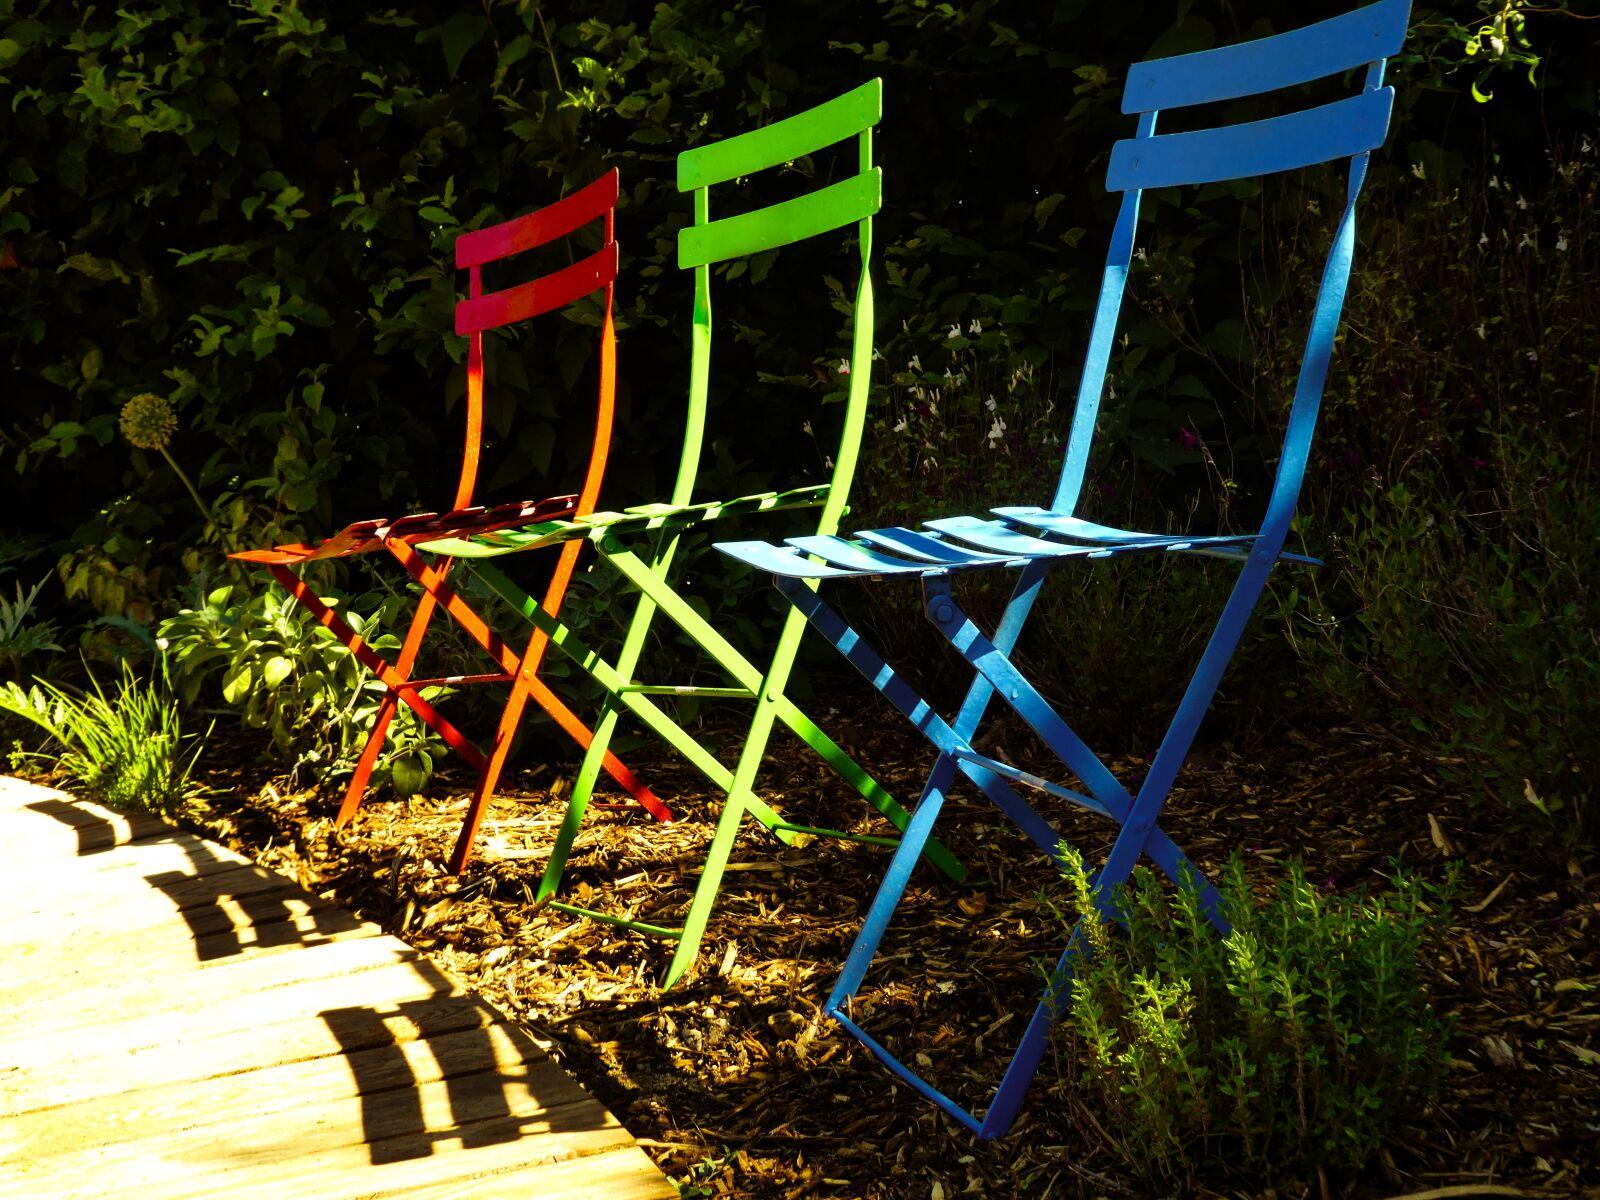 chairs, garden, blue